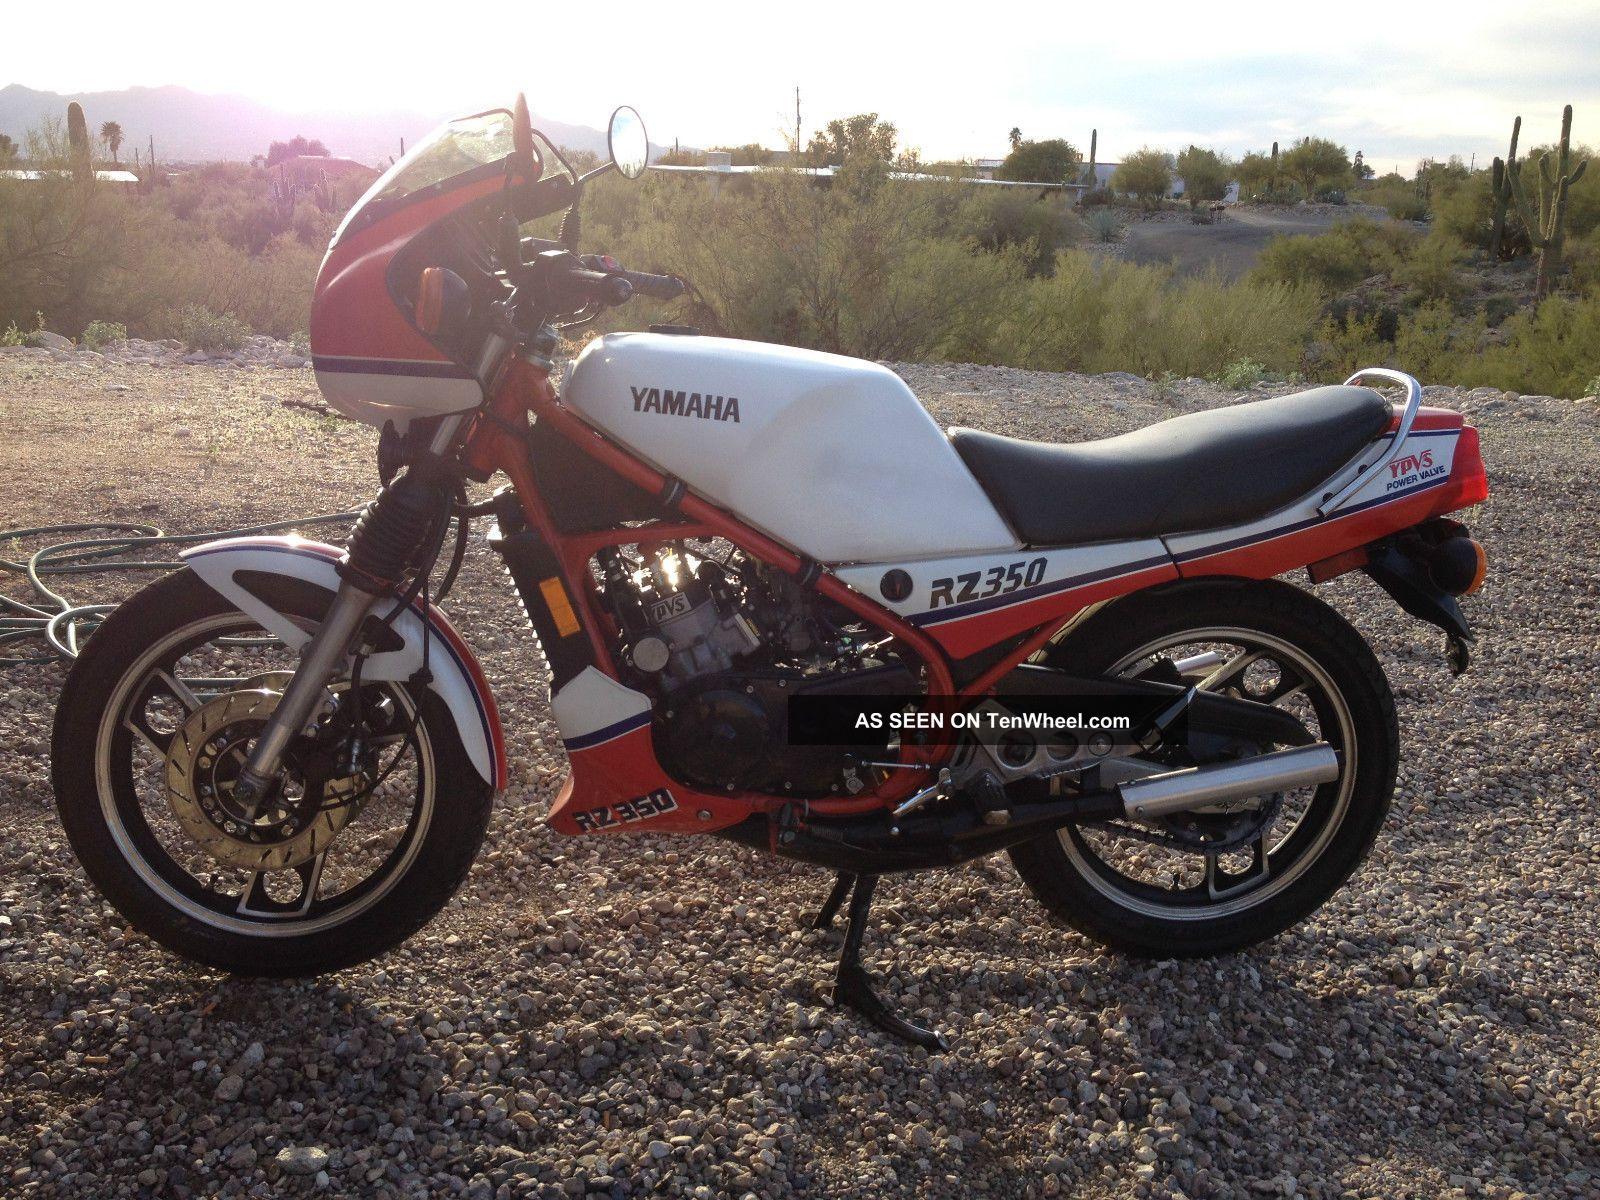 1984 Yamaha Rz350 Other photo